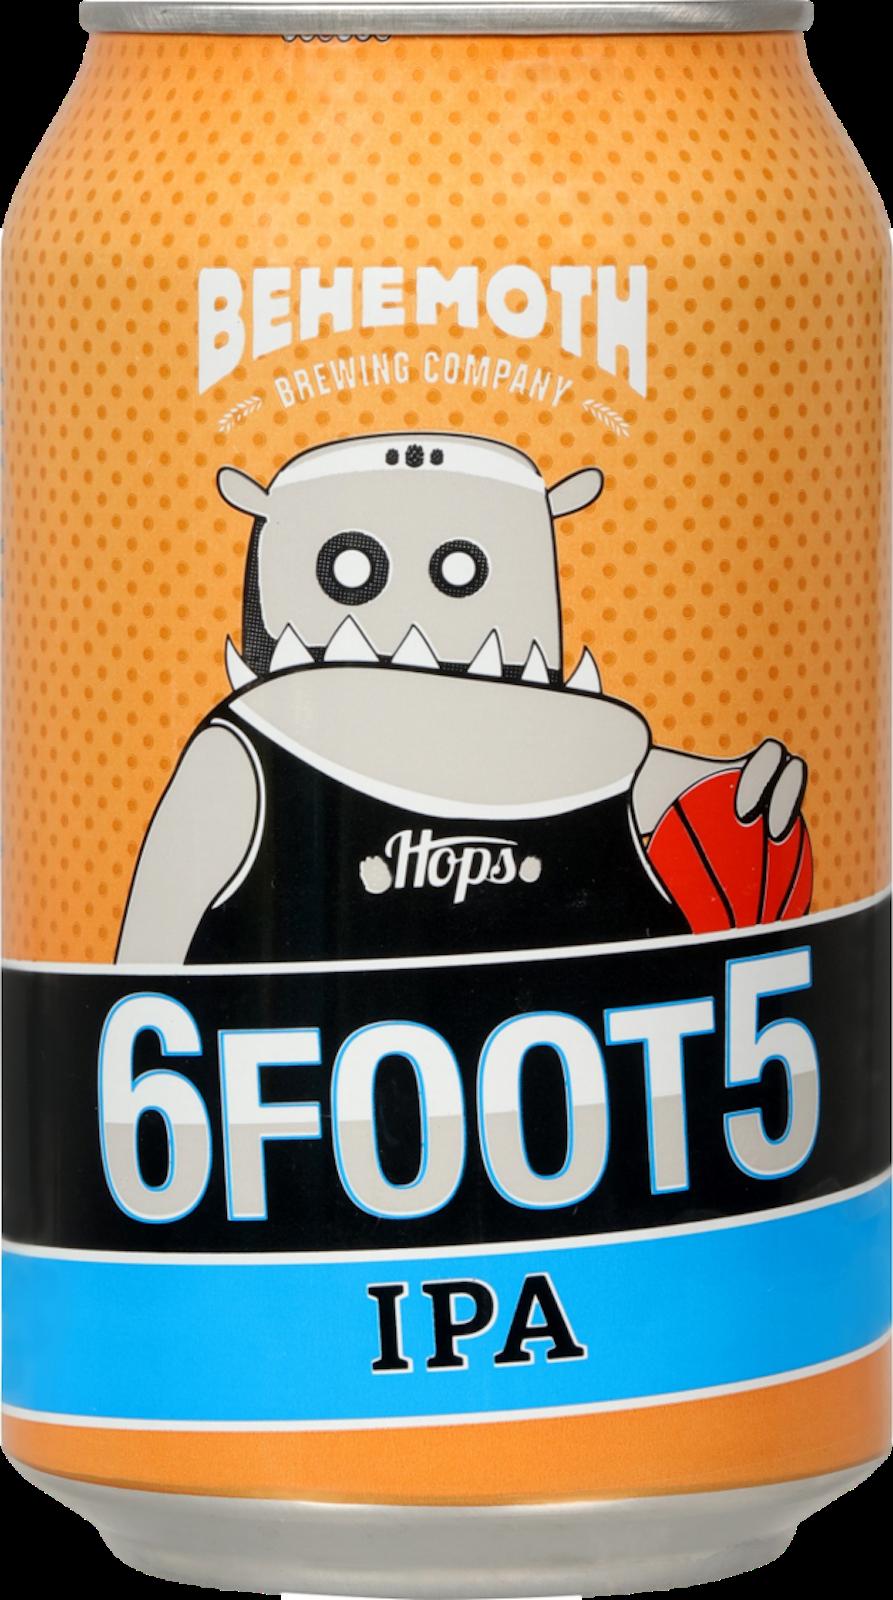 6 foot 5